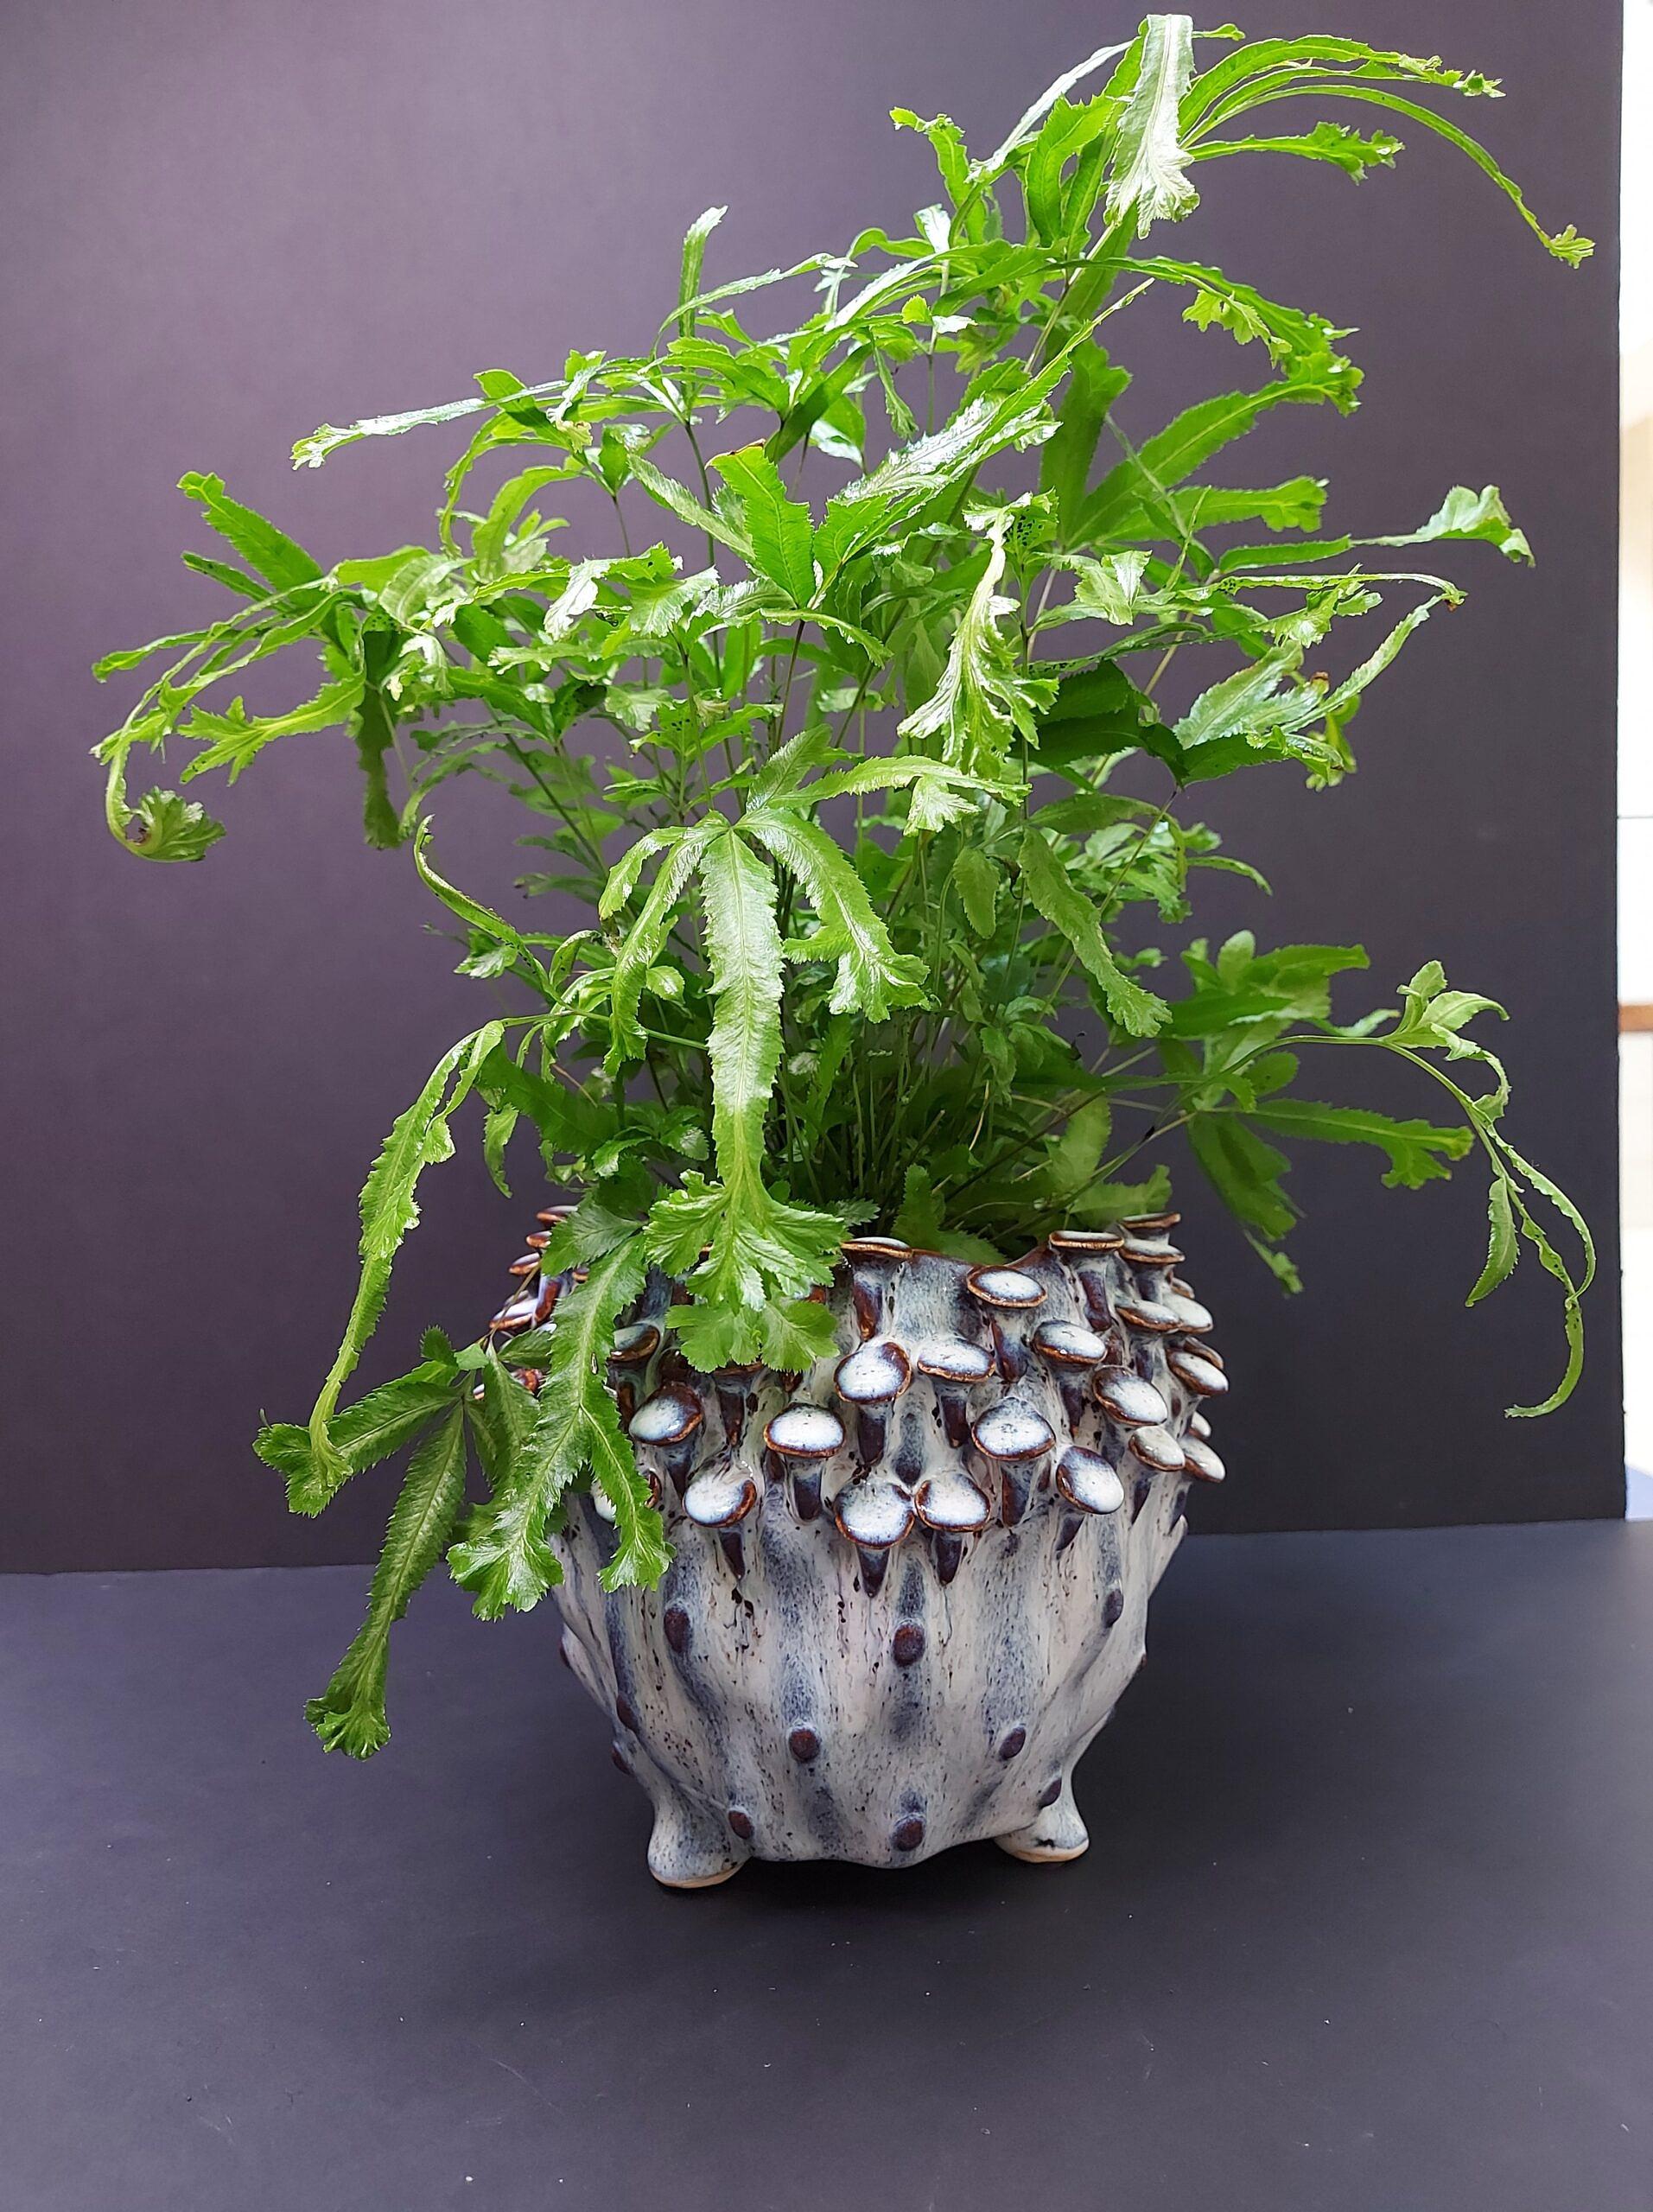 pteris, papartis, augalas, kambariniai augalai, kambarinės gėlės, lapiniai augalai, augalai namams, augalai biurui, lengva priežiūra, kambariniai augalai vilniuje